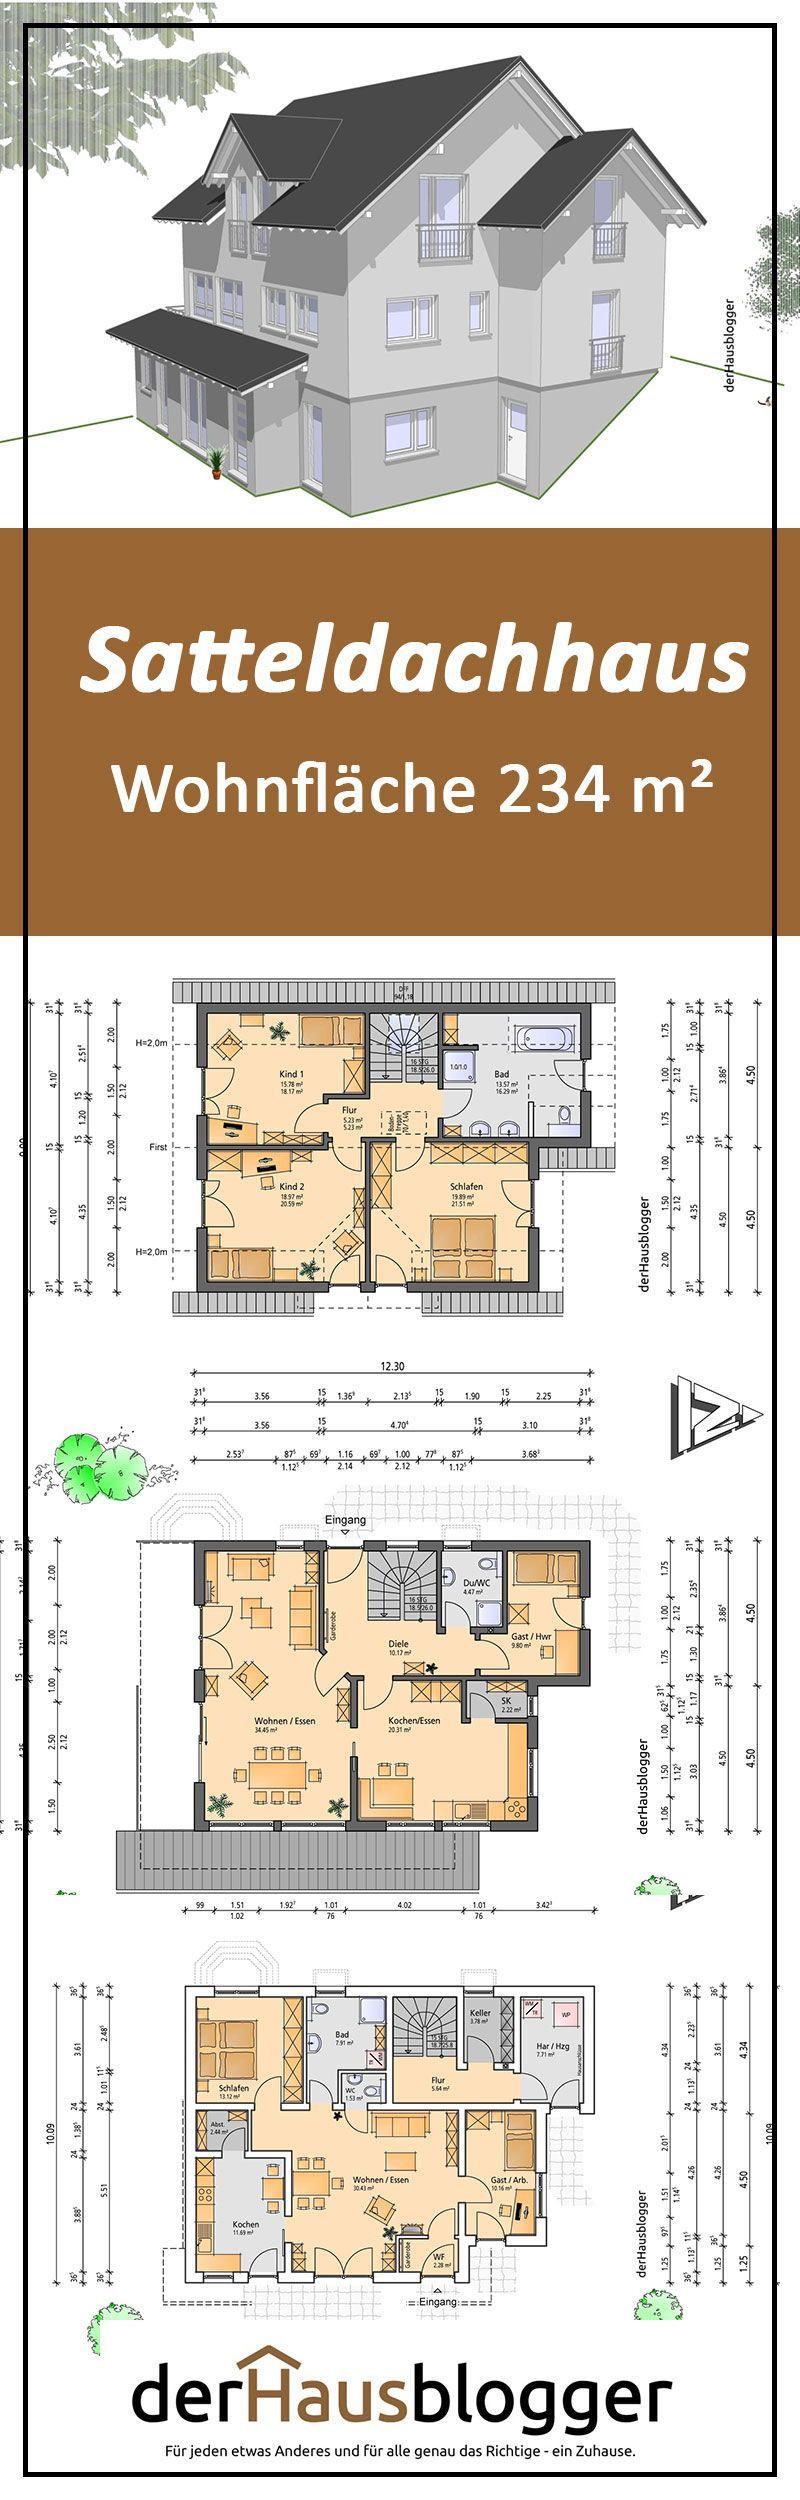 Pin von Zuza Bednarczyk auf House Haus, Haus planung